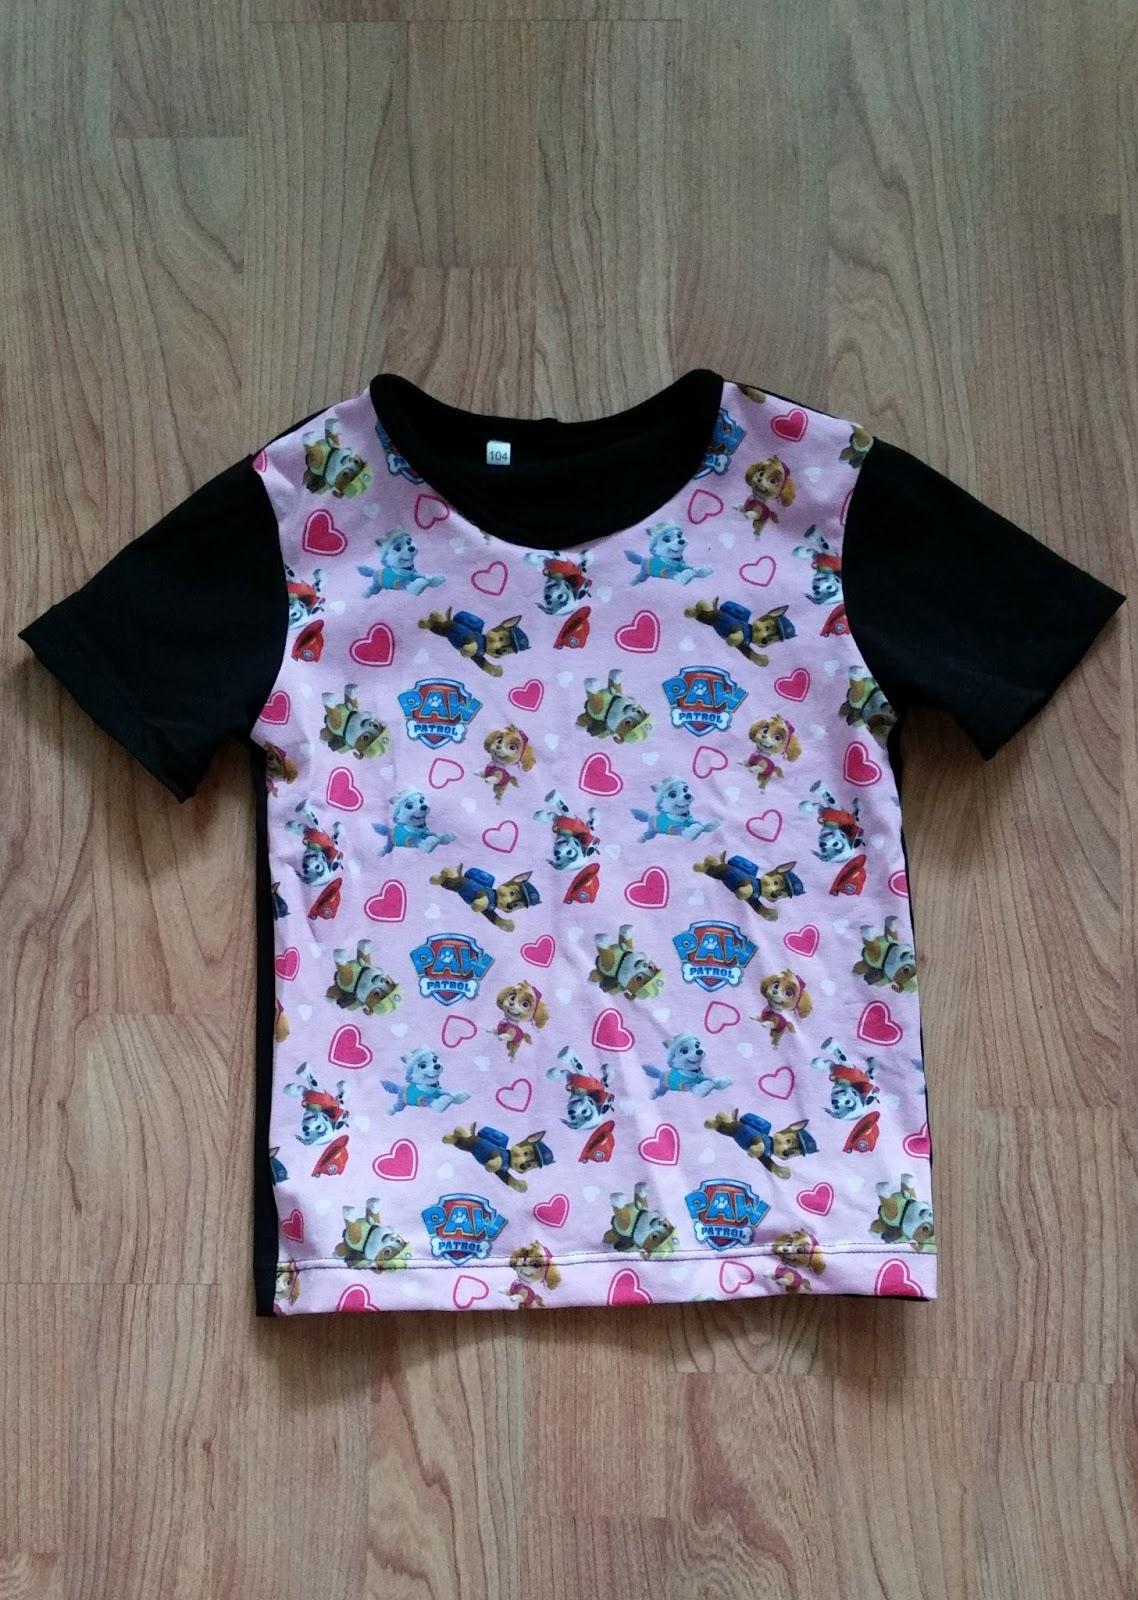 Tämä pinkki Ryhmä Hau -kangas oli sellainen pakko saada kangas 1de04d806e